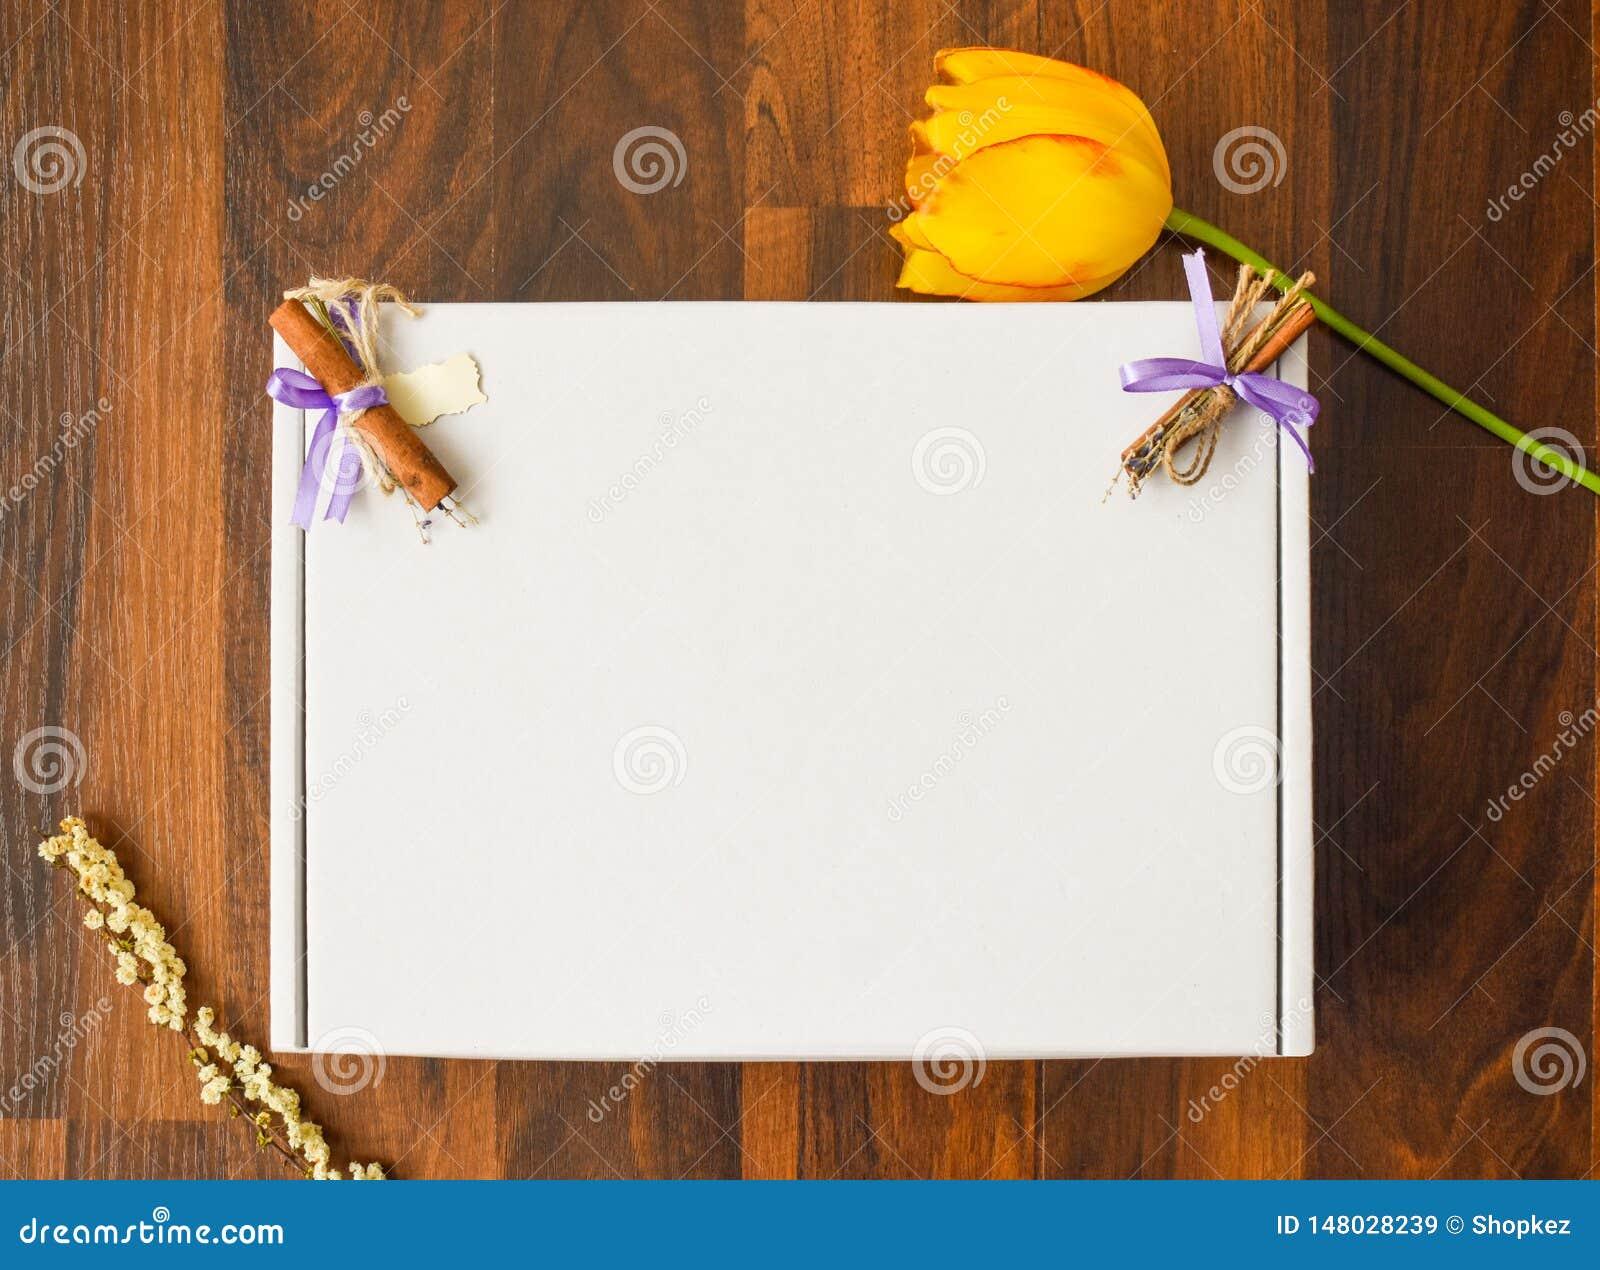 Projektuj?ca Akcyjnego fotografii mockup cyfrowa kartoteka pusty kartonu kwadrat z drewnianym podłogowym tłem z żółtym tulipanem,